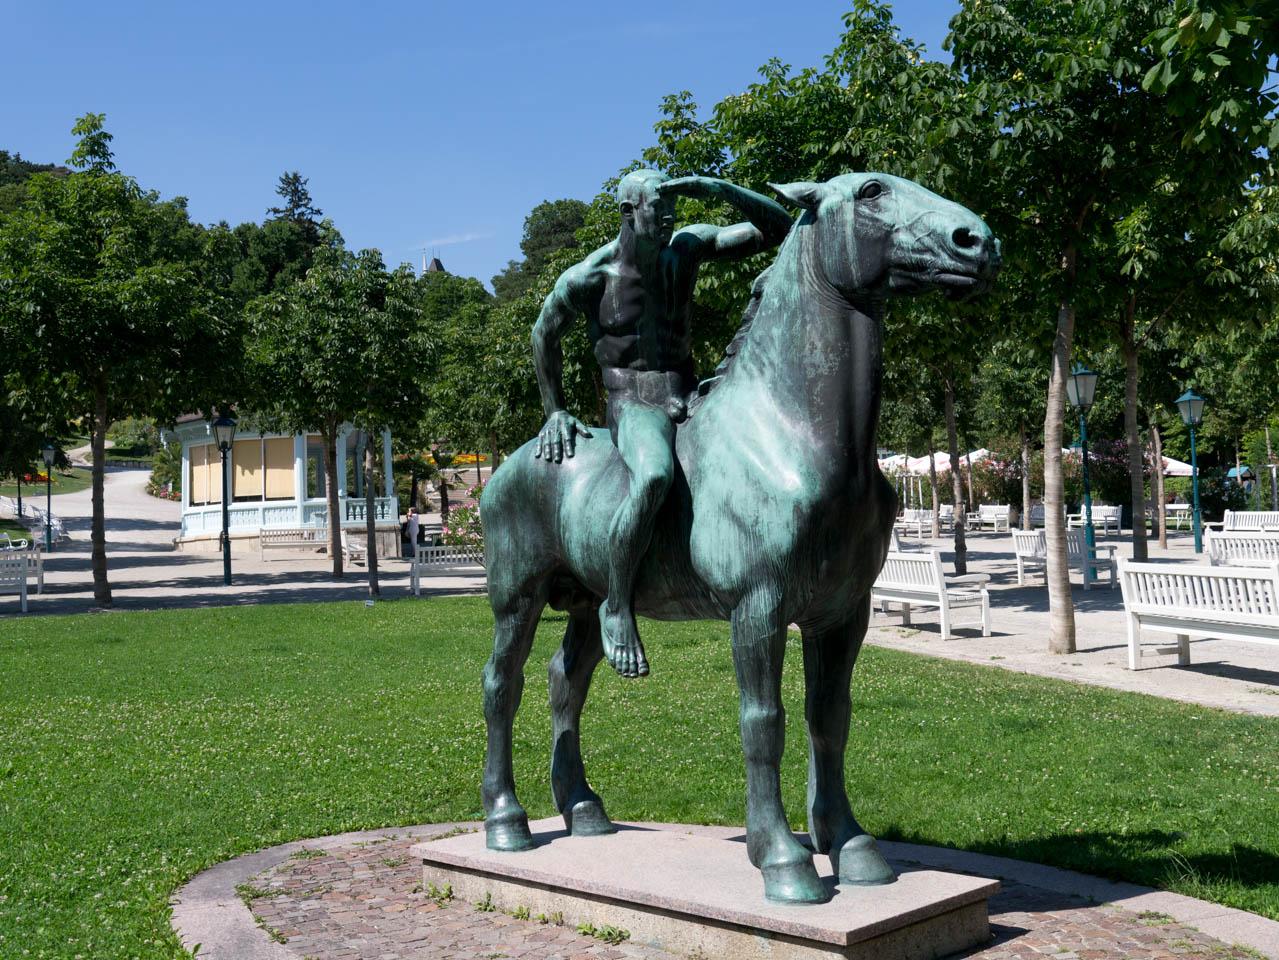 Reiter im Kurpark (1 von 1)